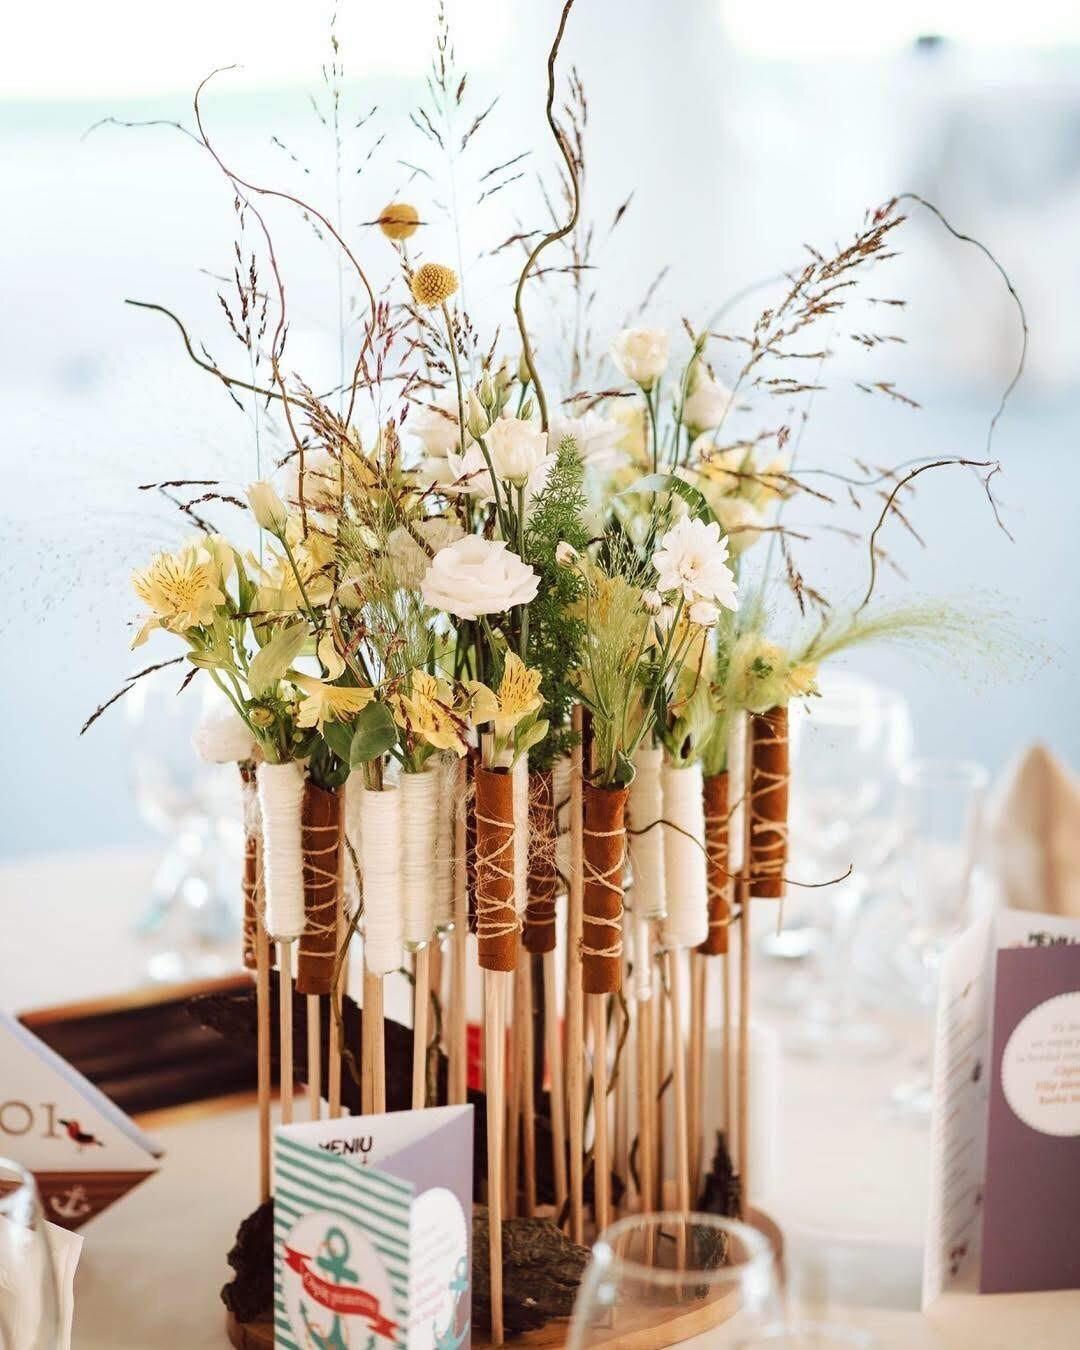 Aranjament cu flori naturale albe, galbene și salcie creată